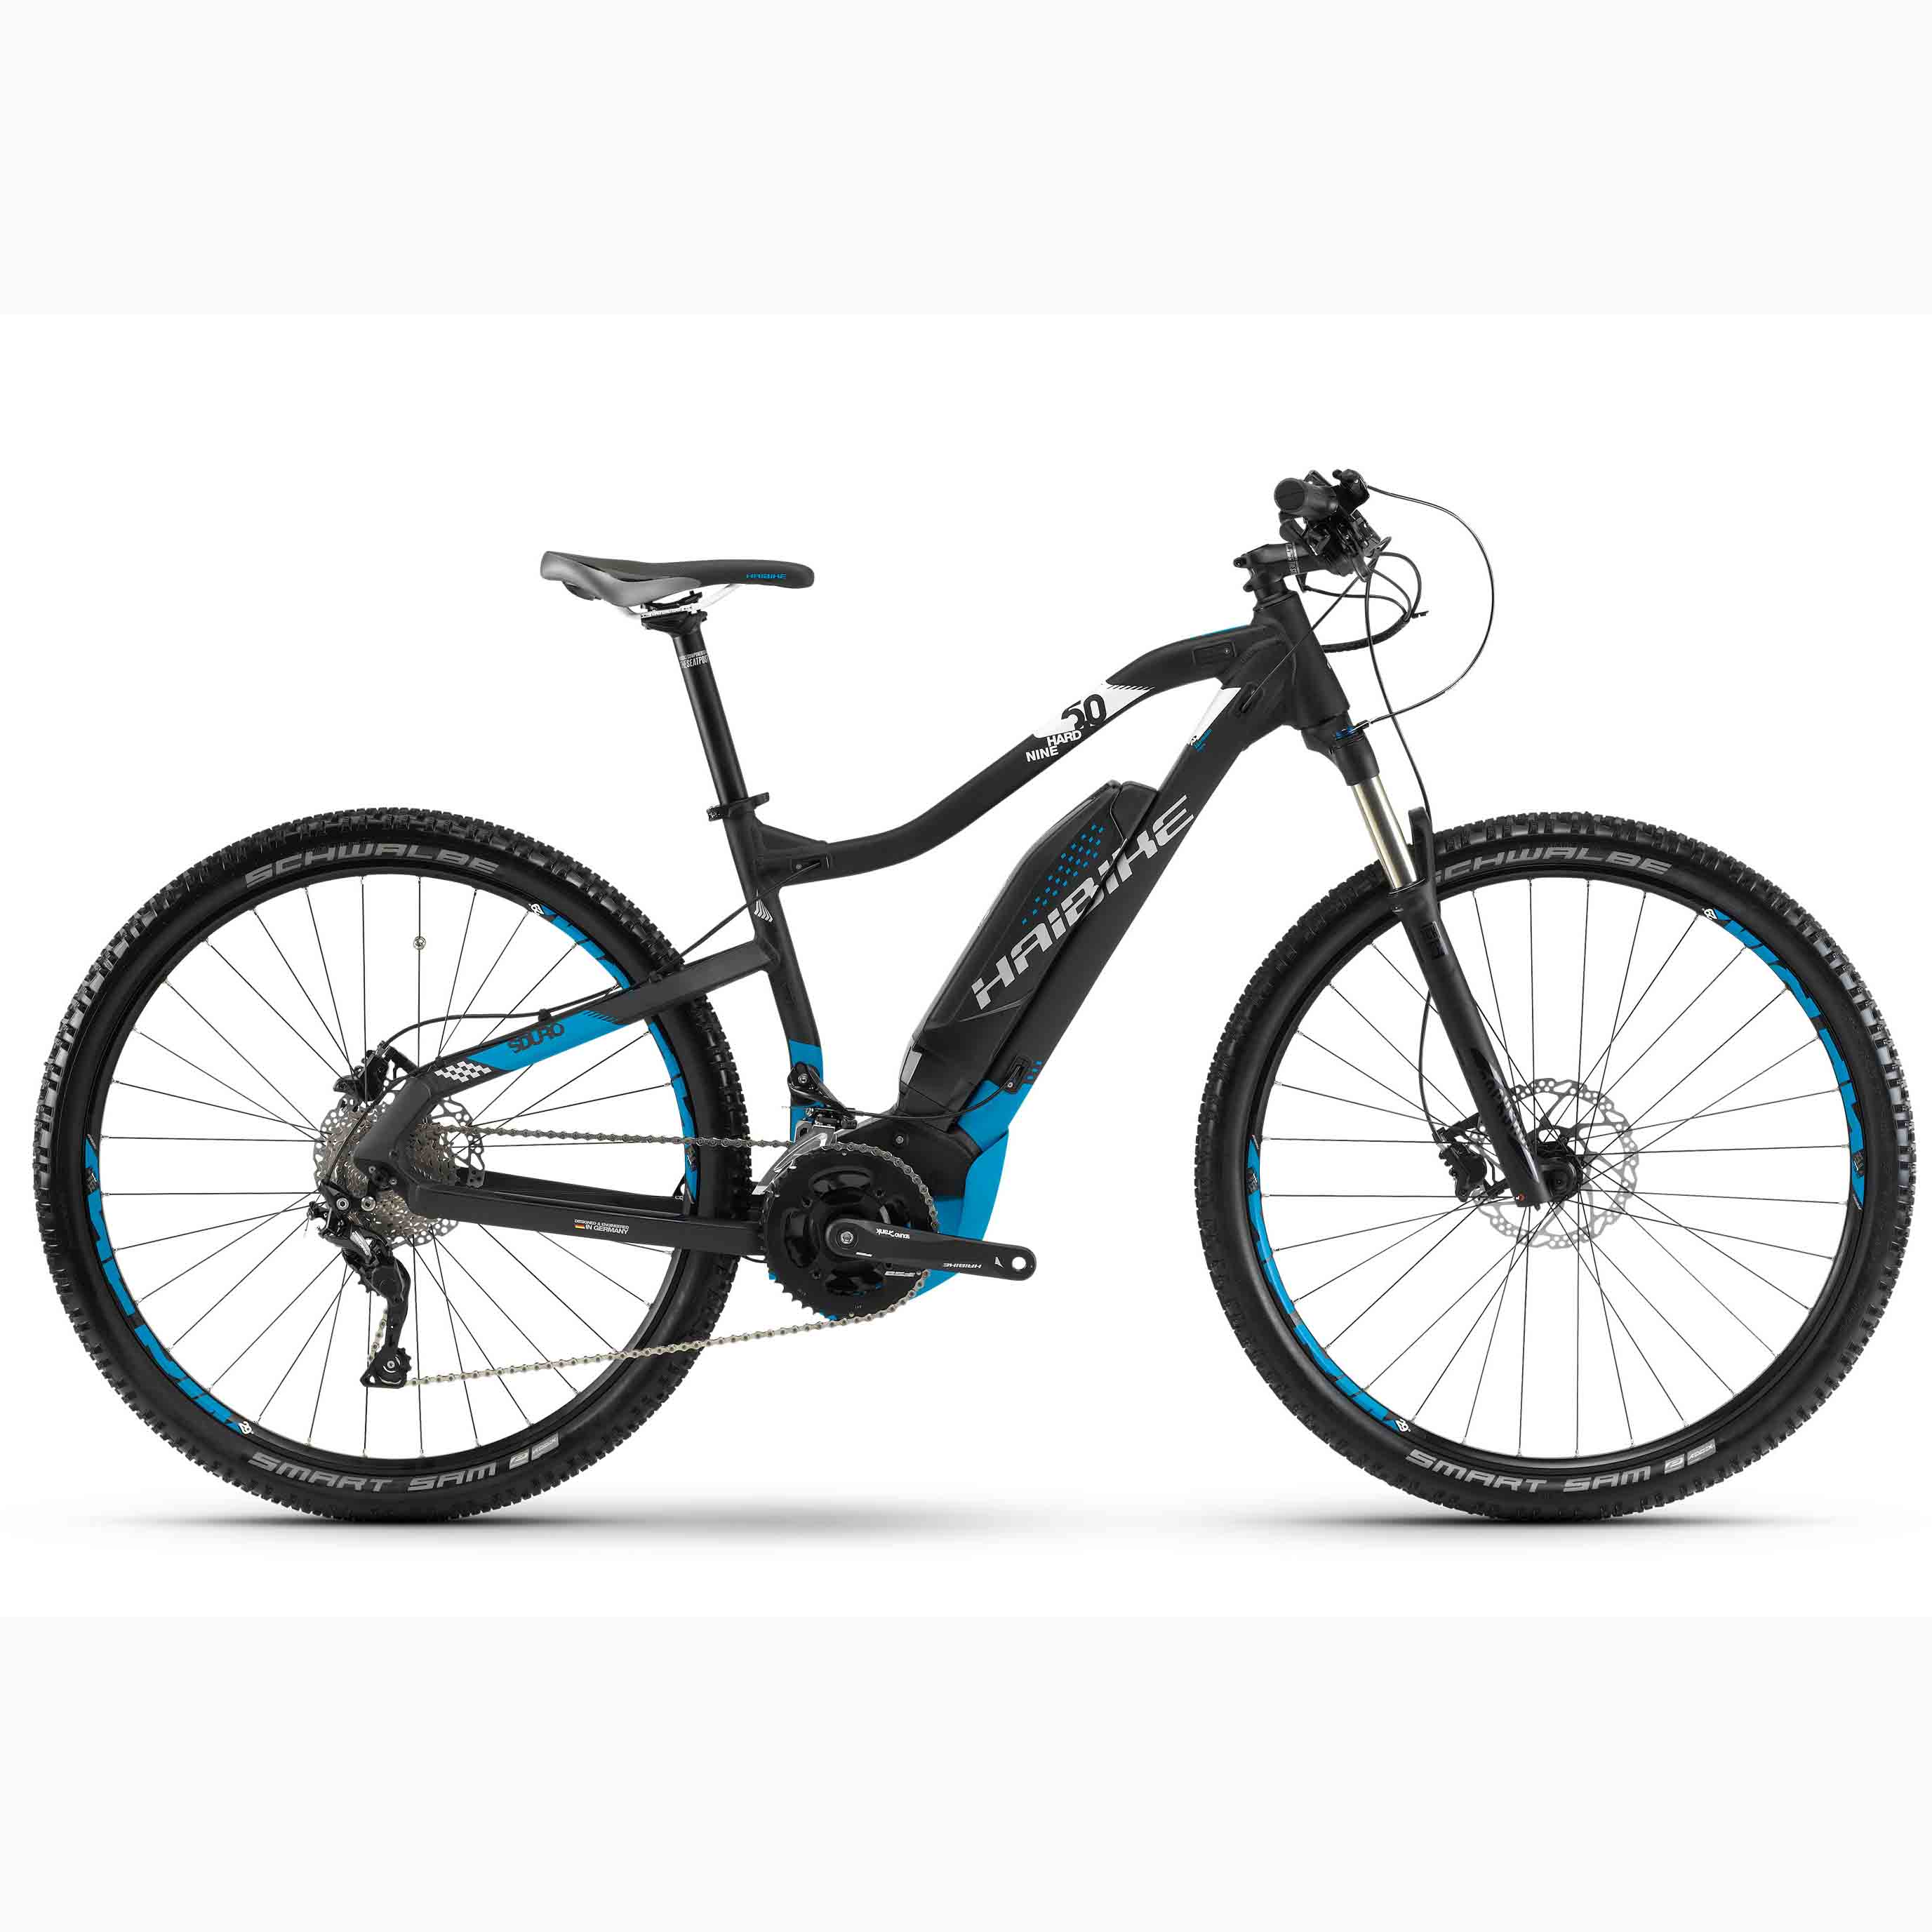 Фото Велосипед Haibike SDURO HardNine 5.0 29″ 500Wh, рама 50см, 2018